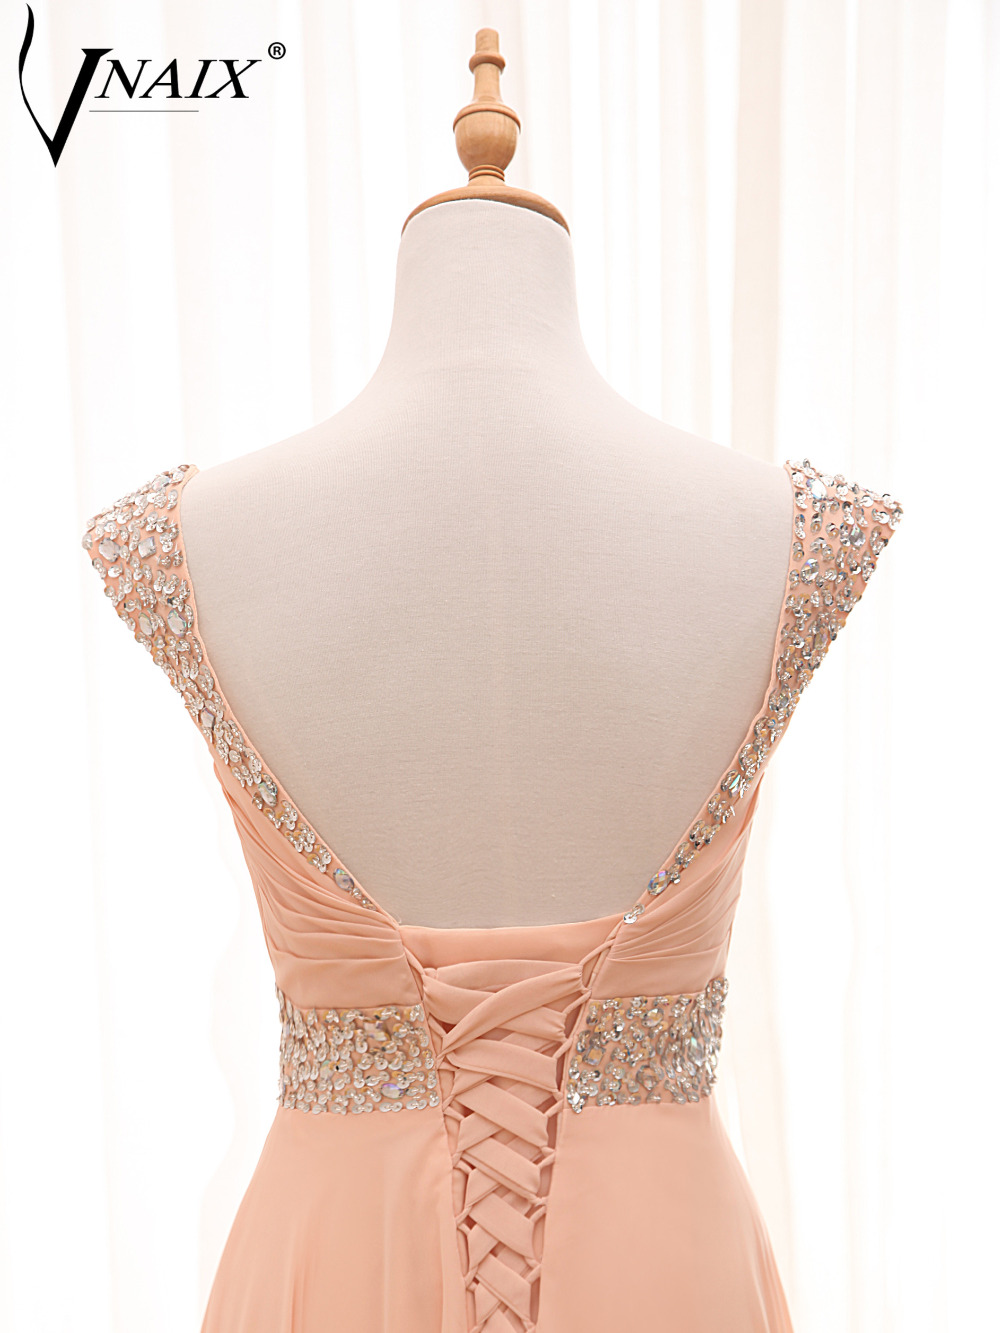 Niedlich Billige Partei Kleider Australien Bilder - Hochzeit Kleid ...